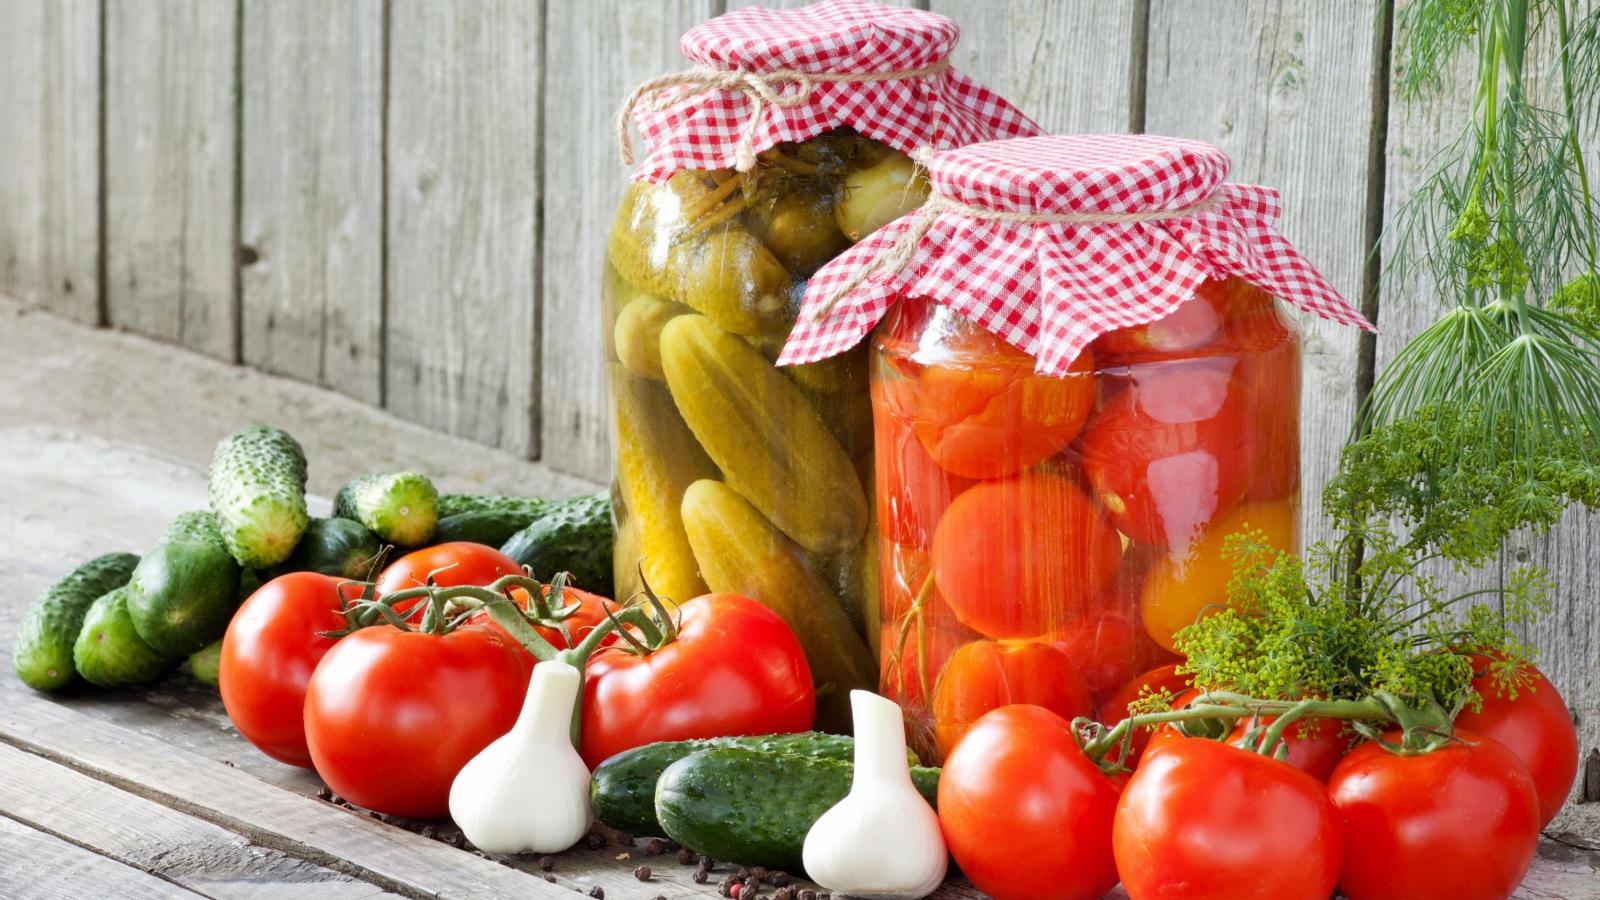 Инструкция, как солить свеклу в домашних условиях на зиму: консервируем овощ быстро и вкусно по разным рецептам засолки